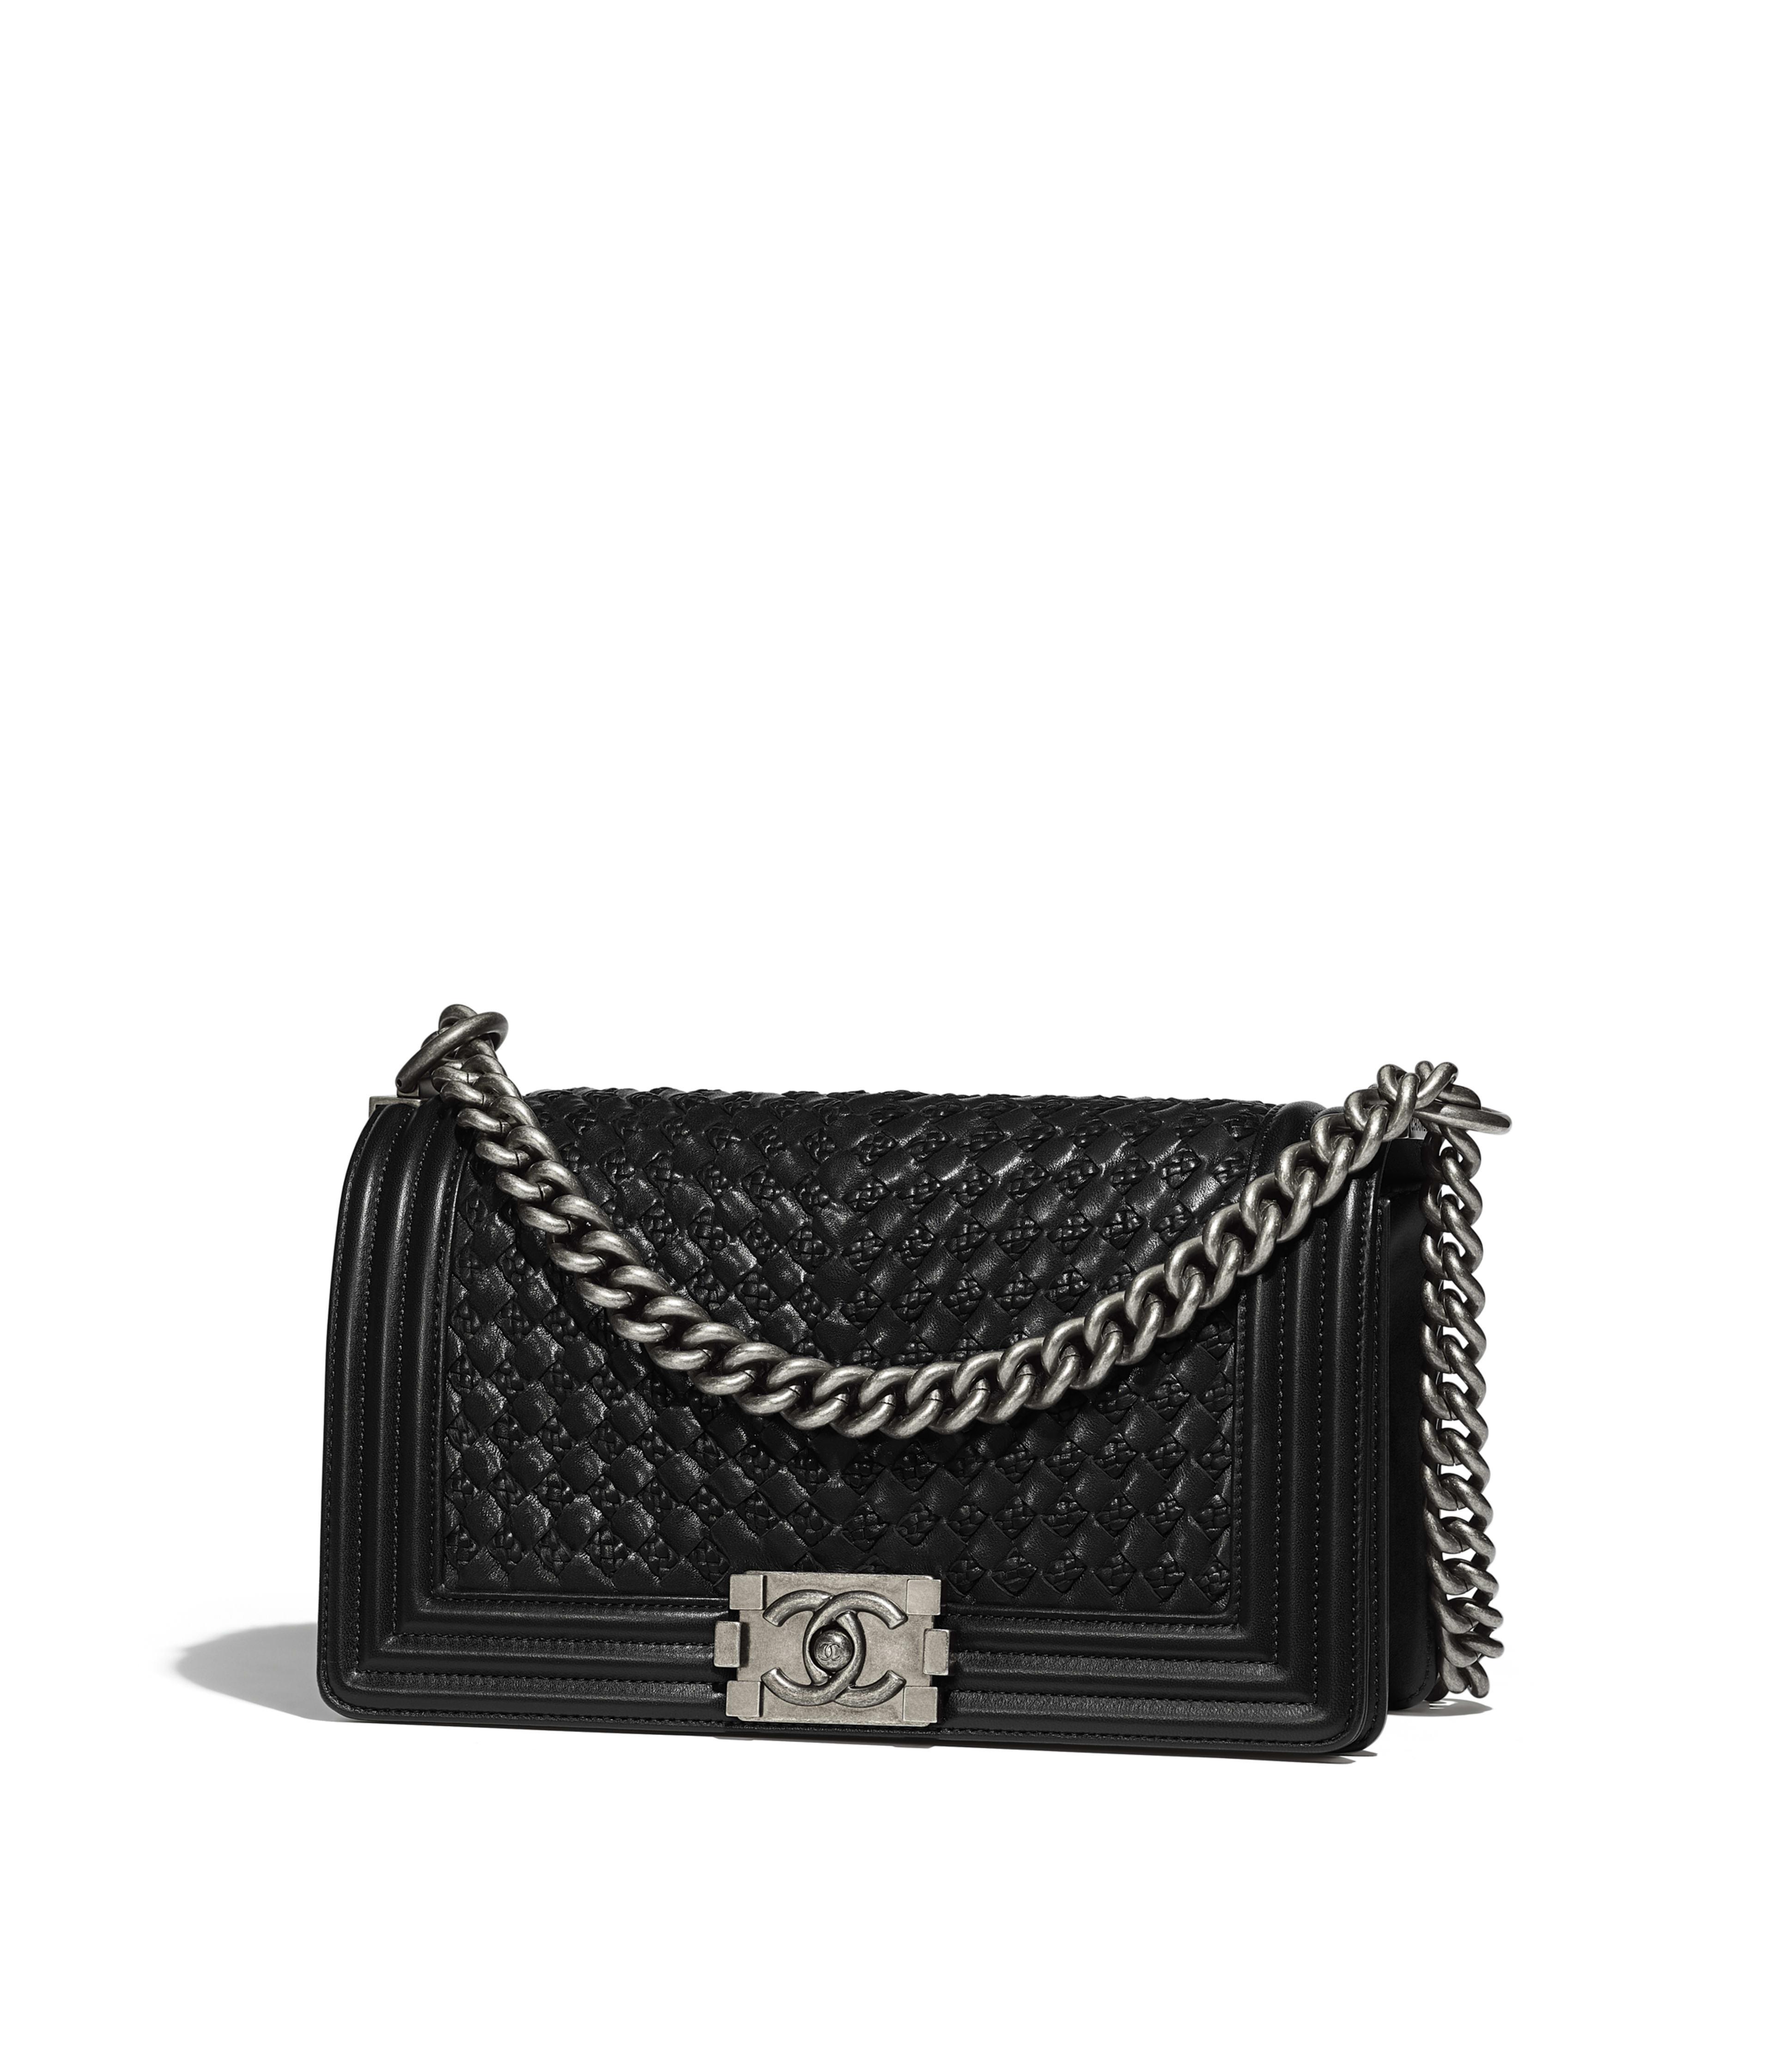 Boy Chanel Handbag Braided Calfskin Ruthenium Finish Metal Black Ref A67086y8362494305